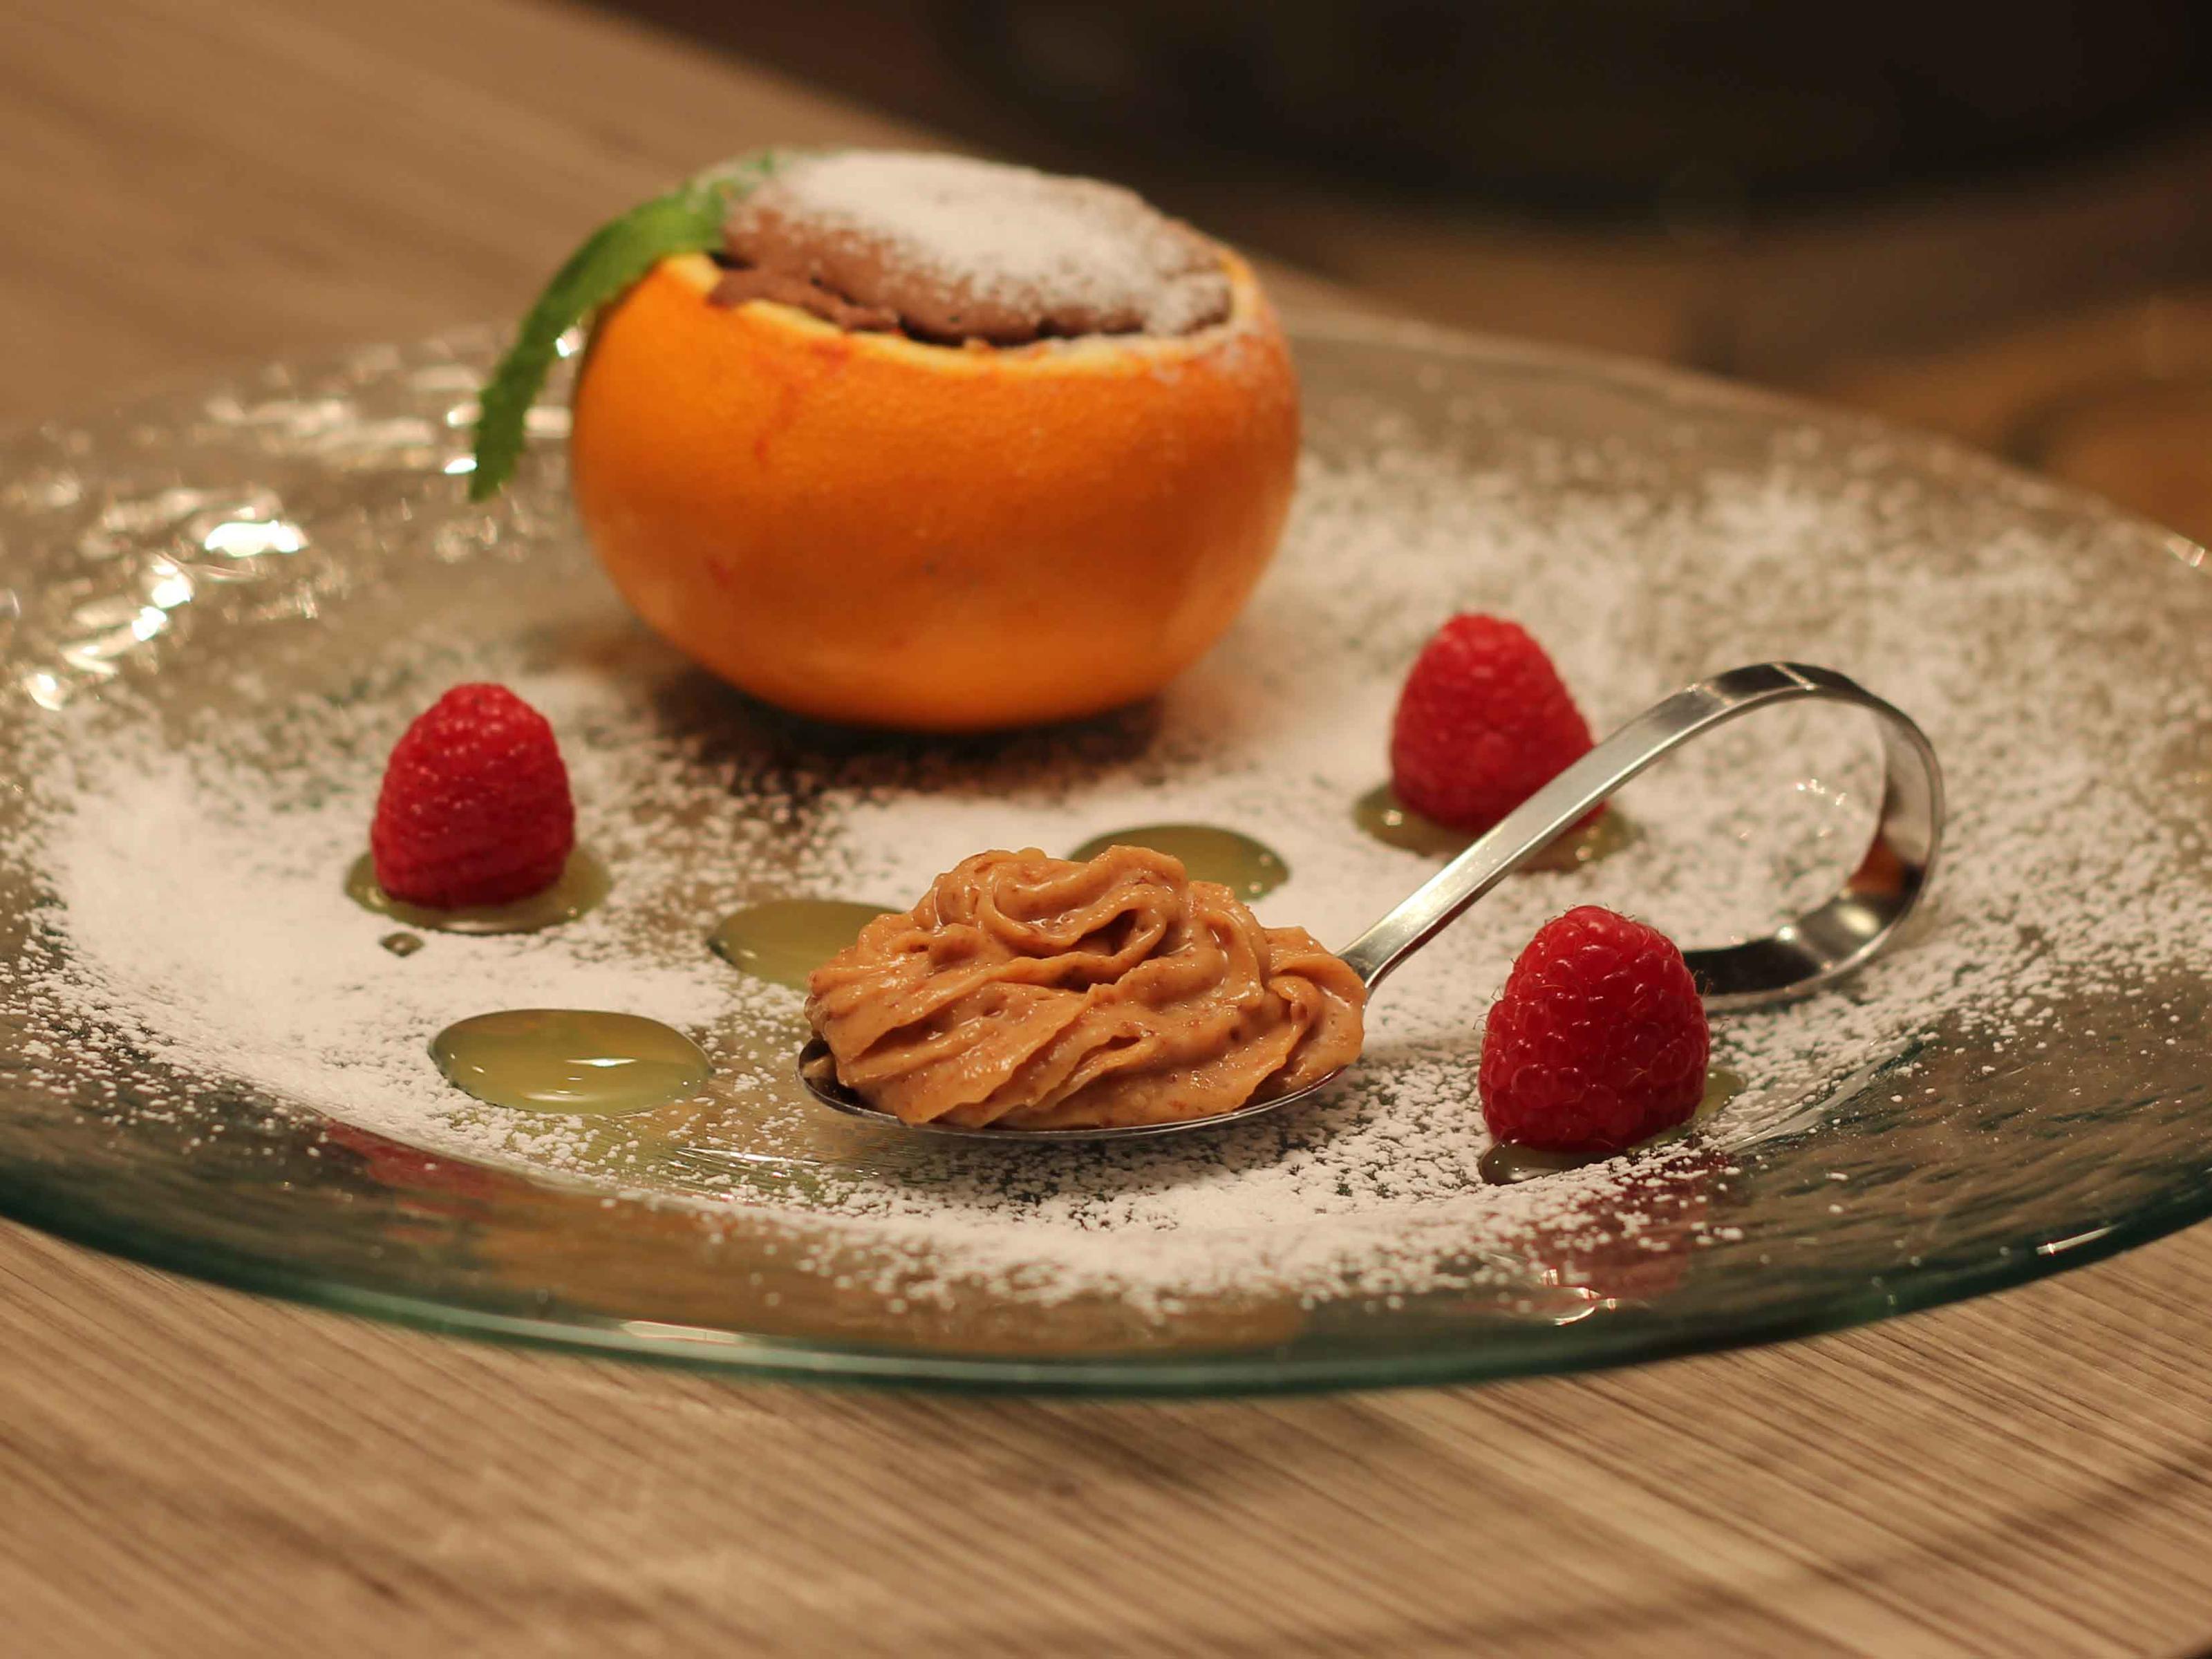 Schokokuchen in Orangenschale mit Amarettini-Frischkäsecreme und Orangensauce - Rezept Eingereicht von Das perfekte Dinner